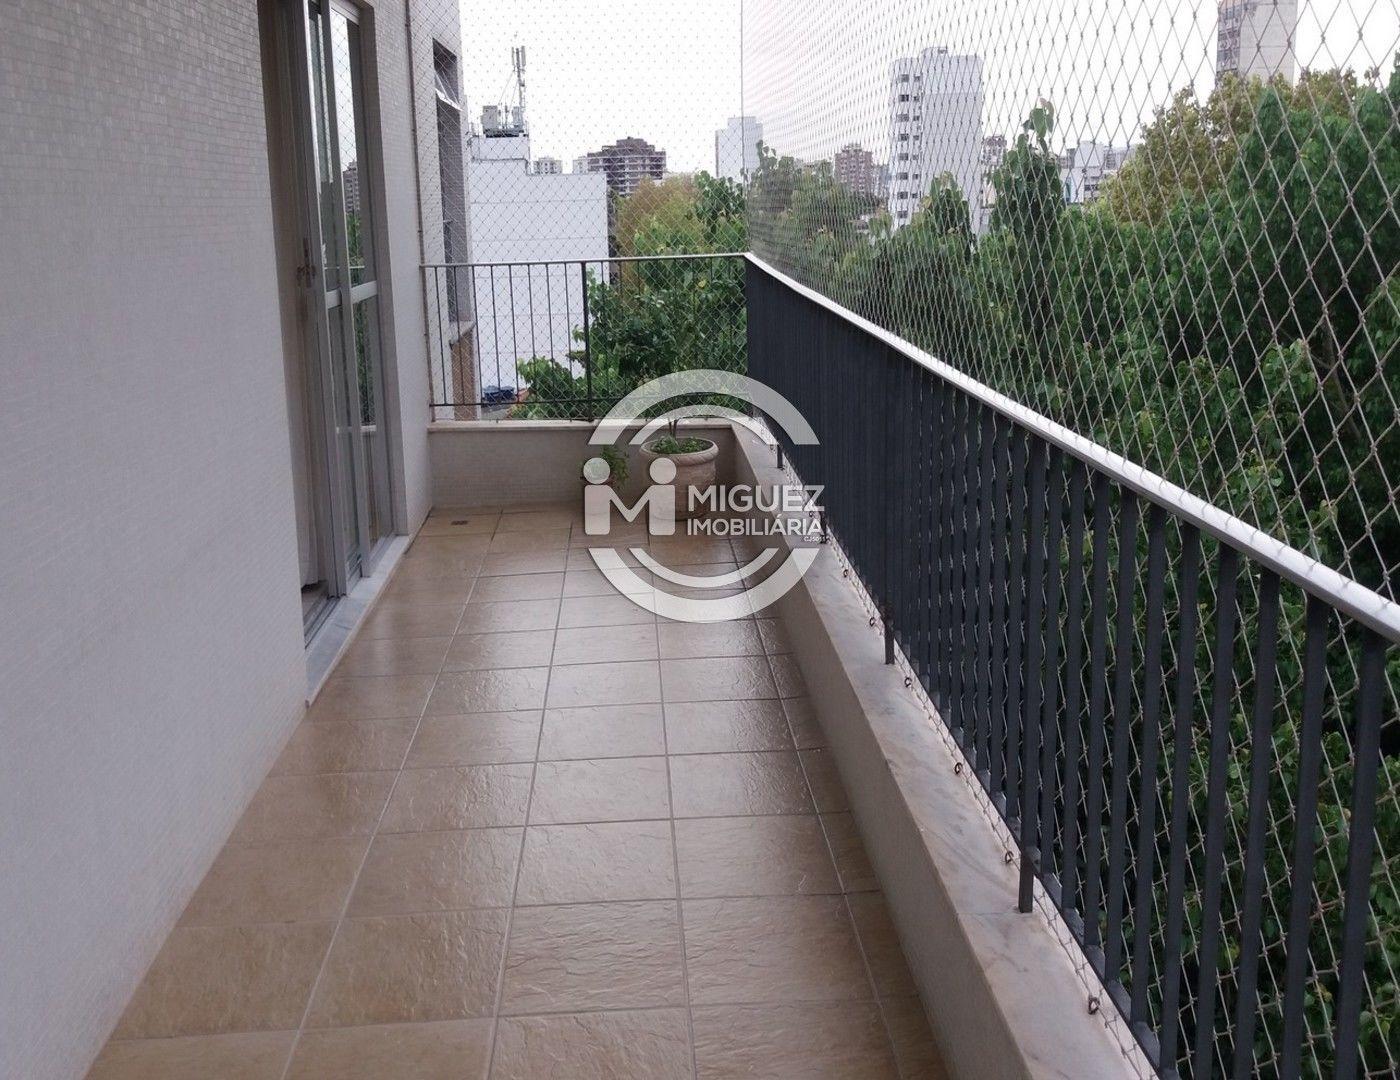 Cobertura, venda, Rua Professor Valadares - Grajaú , Rio de janeiro